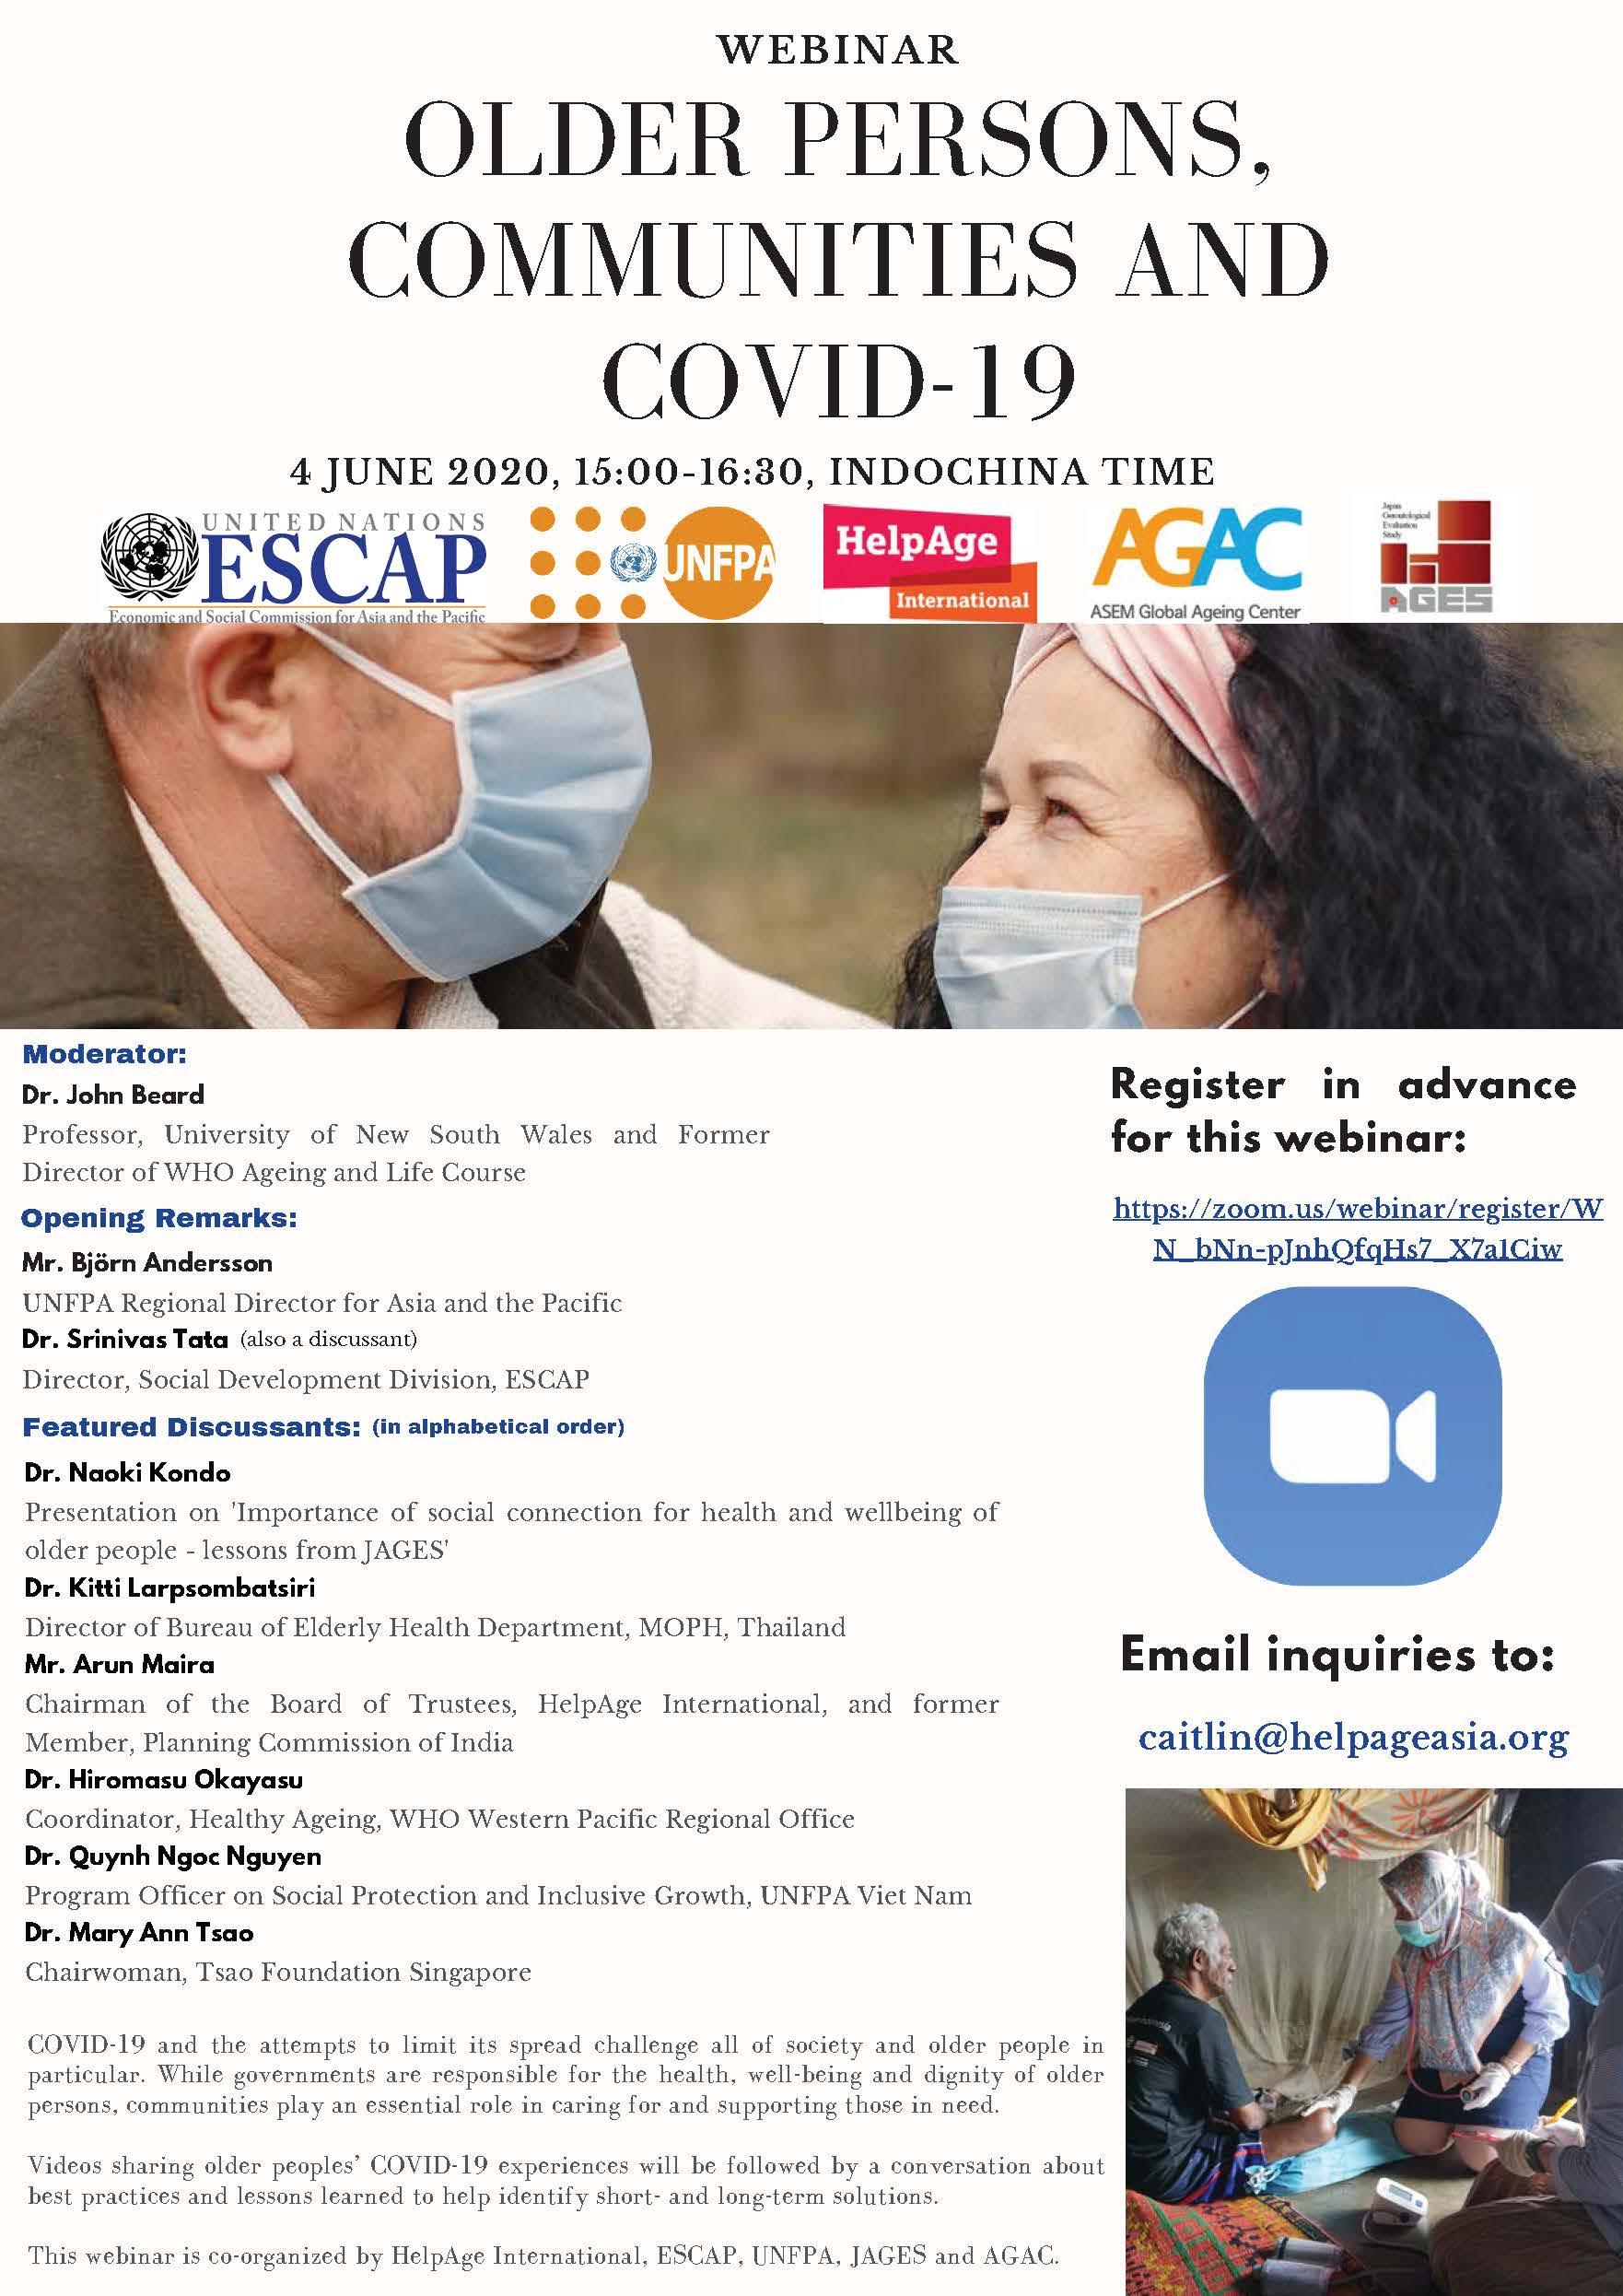 Webinarビデオ公開:新型コロナウイルス感染症の高齢者への影響について